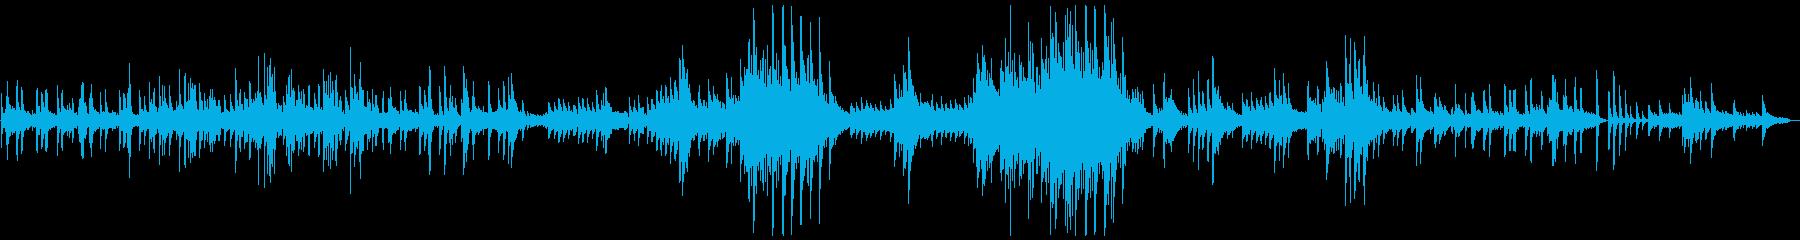 ショパン「雨だれ」ピアノソロ/高音質の再生済みの波形